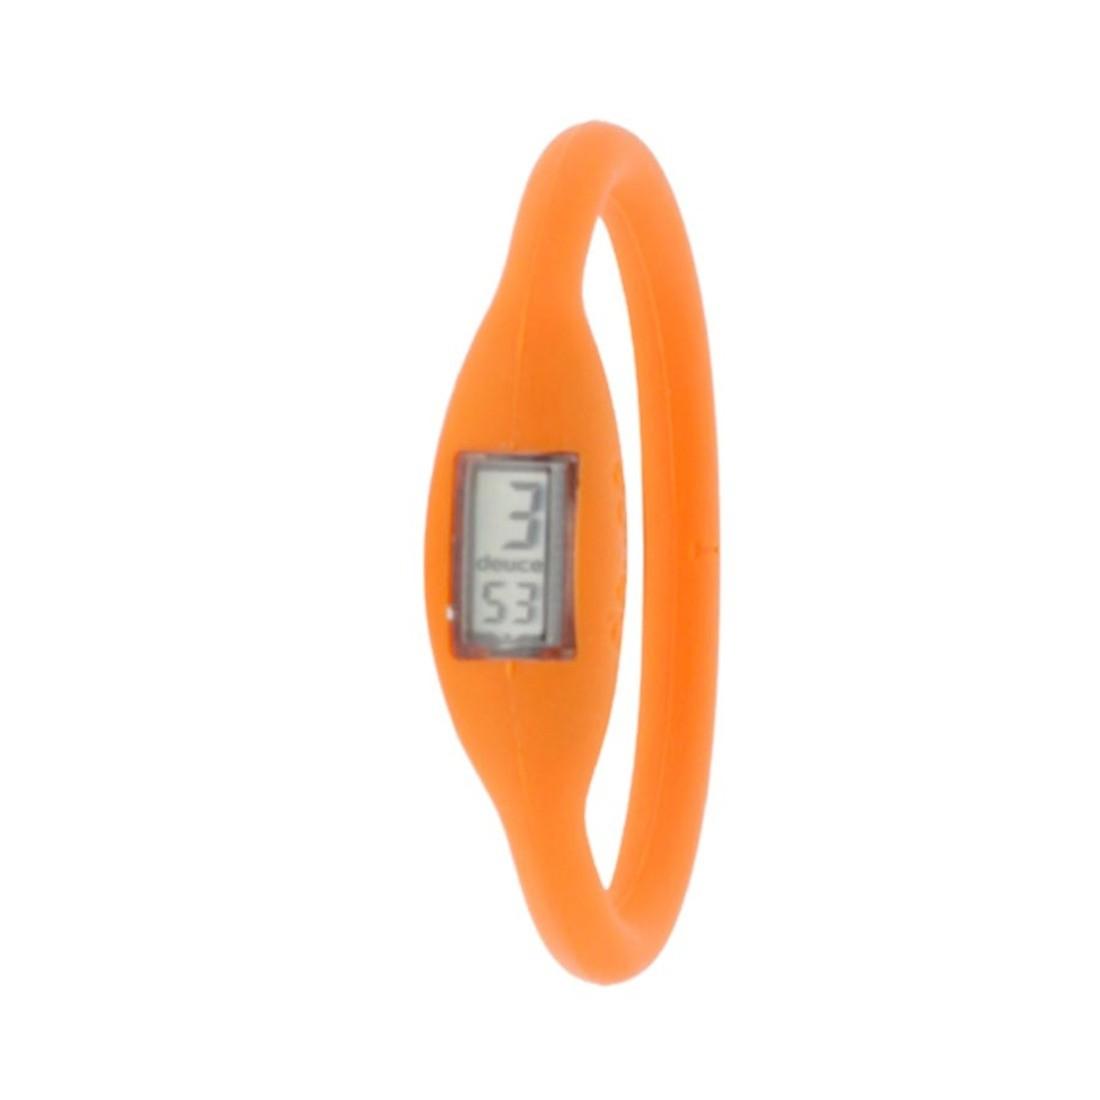 ウォッチ 時計 橙 オレンジ 【 WATCH ORANGE DEUCE BRAND ORIGINAL 】 腕時計 メンズ腕時計